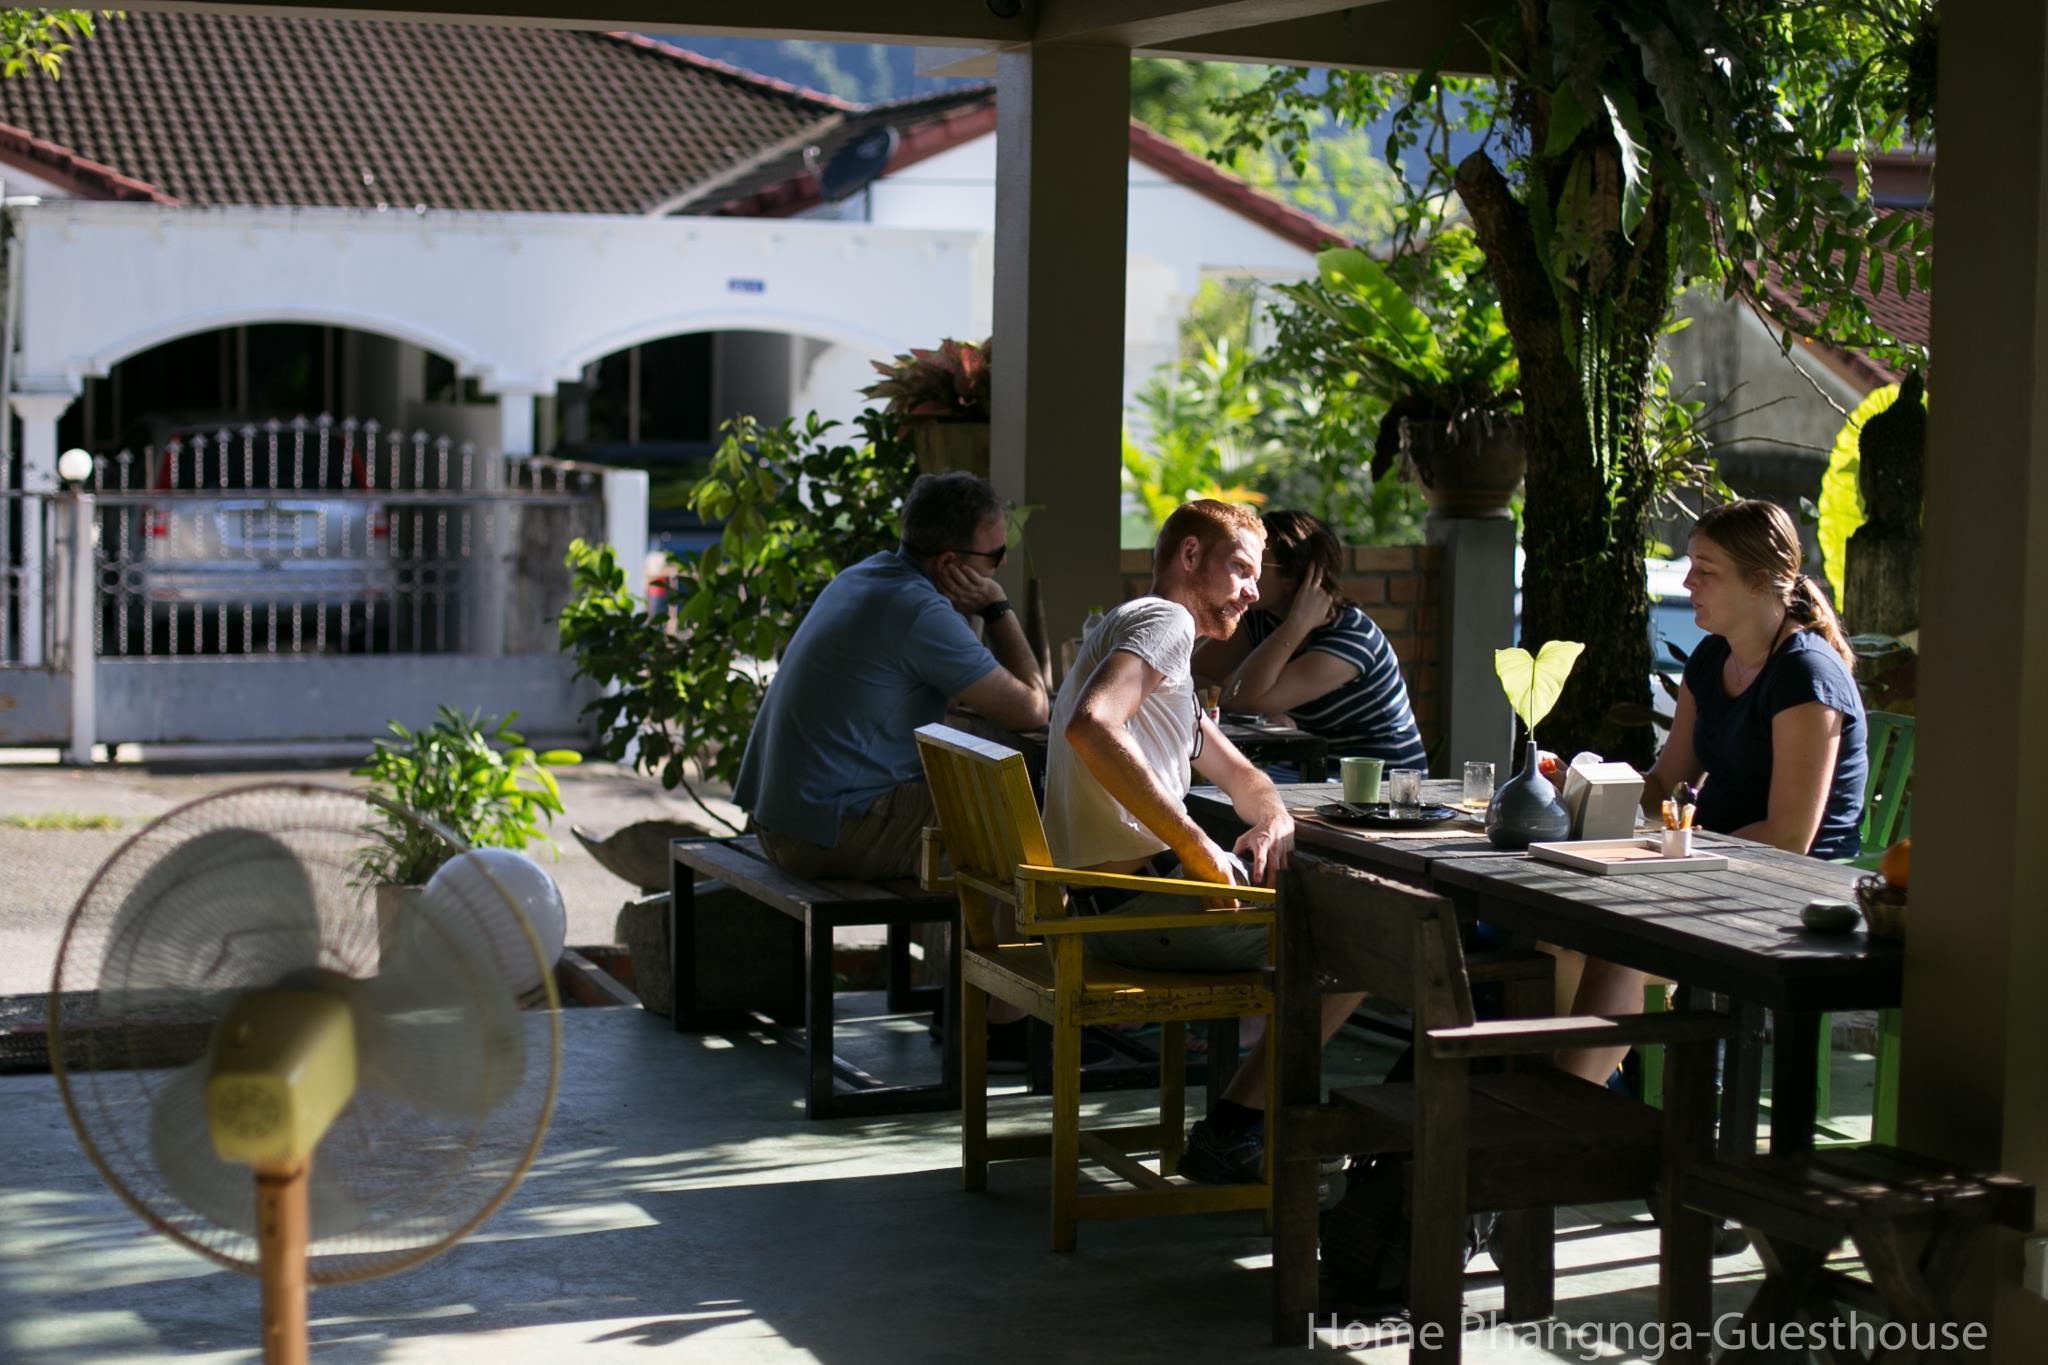 攀牙家庭旅馆,โฮม พังงา เกสท์เฮาส์